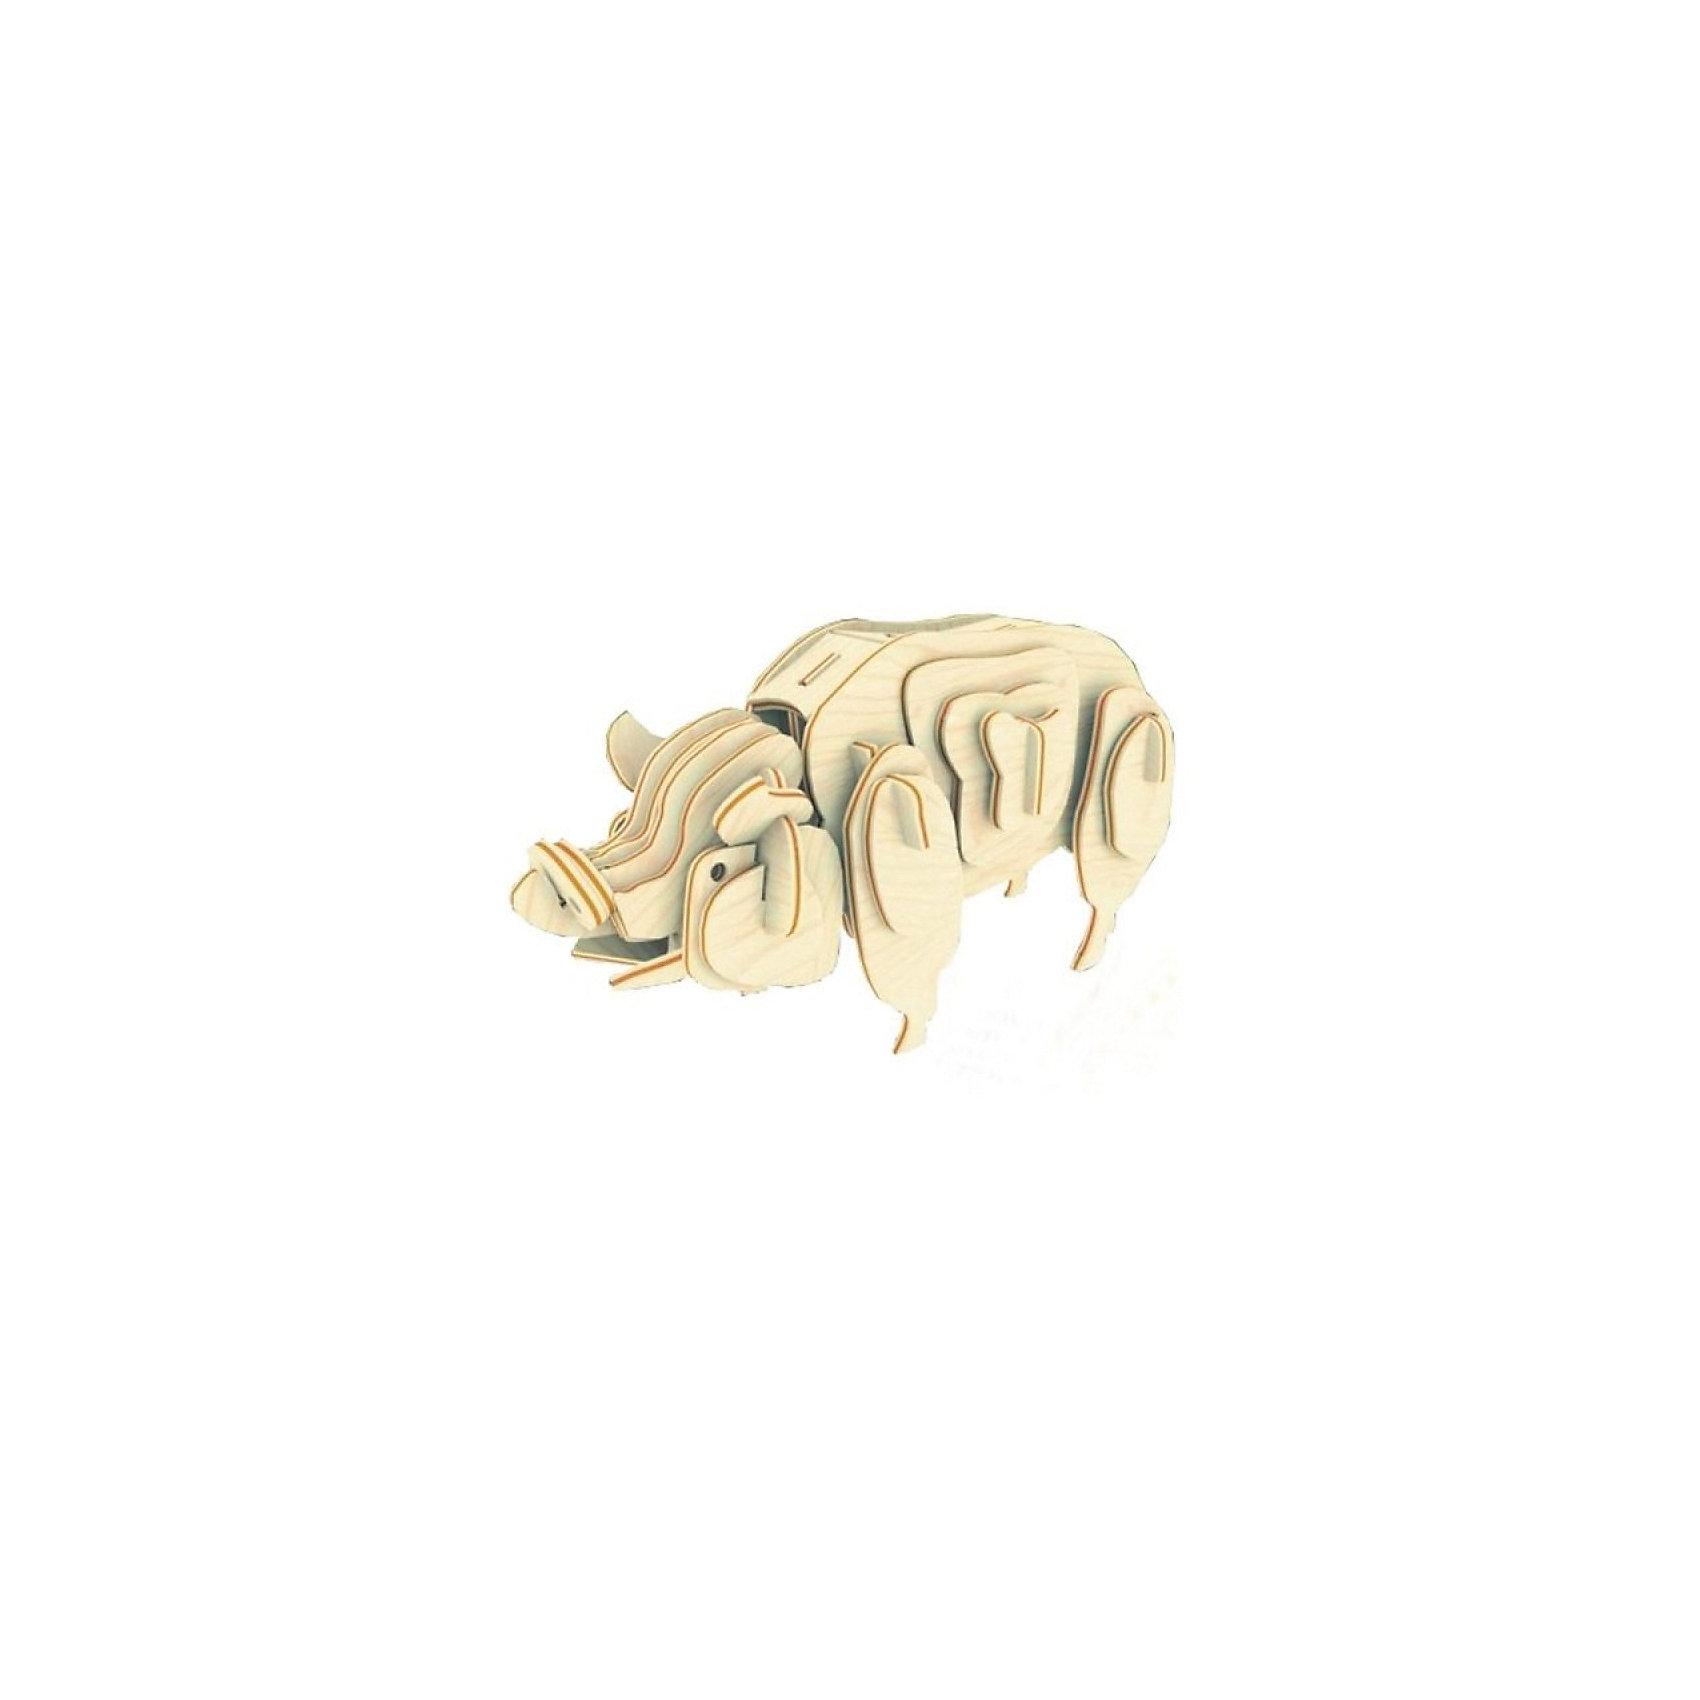 Свинья (серия М), Мир деревянных игрушекДеревянные конструкторы<br>Отличный вариант подарка для творческого ребенка - этот набор, из которого можно самому сделать красивую деревянную фигуру! Специально для любящих творчество и интересующихся животным миром были разработаны эти 3D-пазлы. Из них получаются красивые очень реалистичные фигуры, которые могут стать украшением комнаты. Для этого нужно выдавить из пластины с деталями элементы для сборки и соединить их. <br>Собирая их, ребенок будет учиться соотносить фигуры, развивать пространственное мышление, память и мелкую моторику. А раскрашивая готовое произведение, дети научатся подбирать цвета и будут развивать художественные навыки. Этот набор произведен из качественных и безопасных для детей материалов - дерево тщательно обработано.<br><br>Дополнительная информация:<br><br>материал: дерево;<br>цвет: бежевый;<br>элементы: пластины с деталями для сборки;<br>размер упаковки: 23 х 18 см.<br><br>3D-пазл Свинья (серия М) от бренда Мир деревянных игрушек можно купить в нашем магазине.<br><br>Ширина мм: 225<br>Глубина мм: 30<br>Высота мм: 180<br>Вес г: 450<br>Возраст от месяцев: 36<br>Возраст до месяцев: 144<br>Пол: Унисекс<br>Возраст: Детский<br>SKU: 4969067